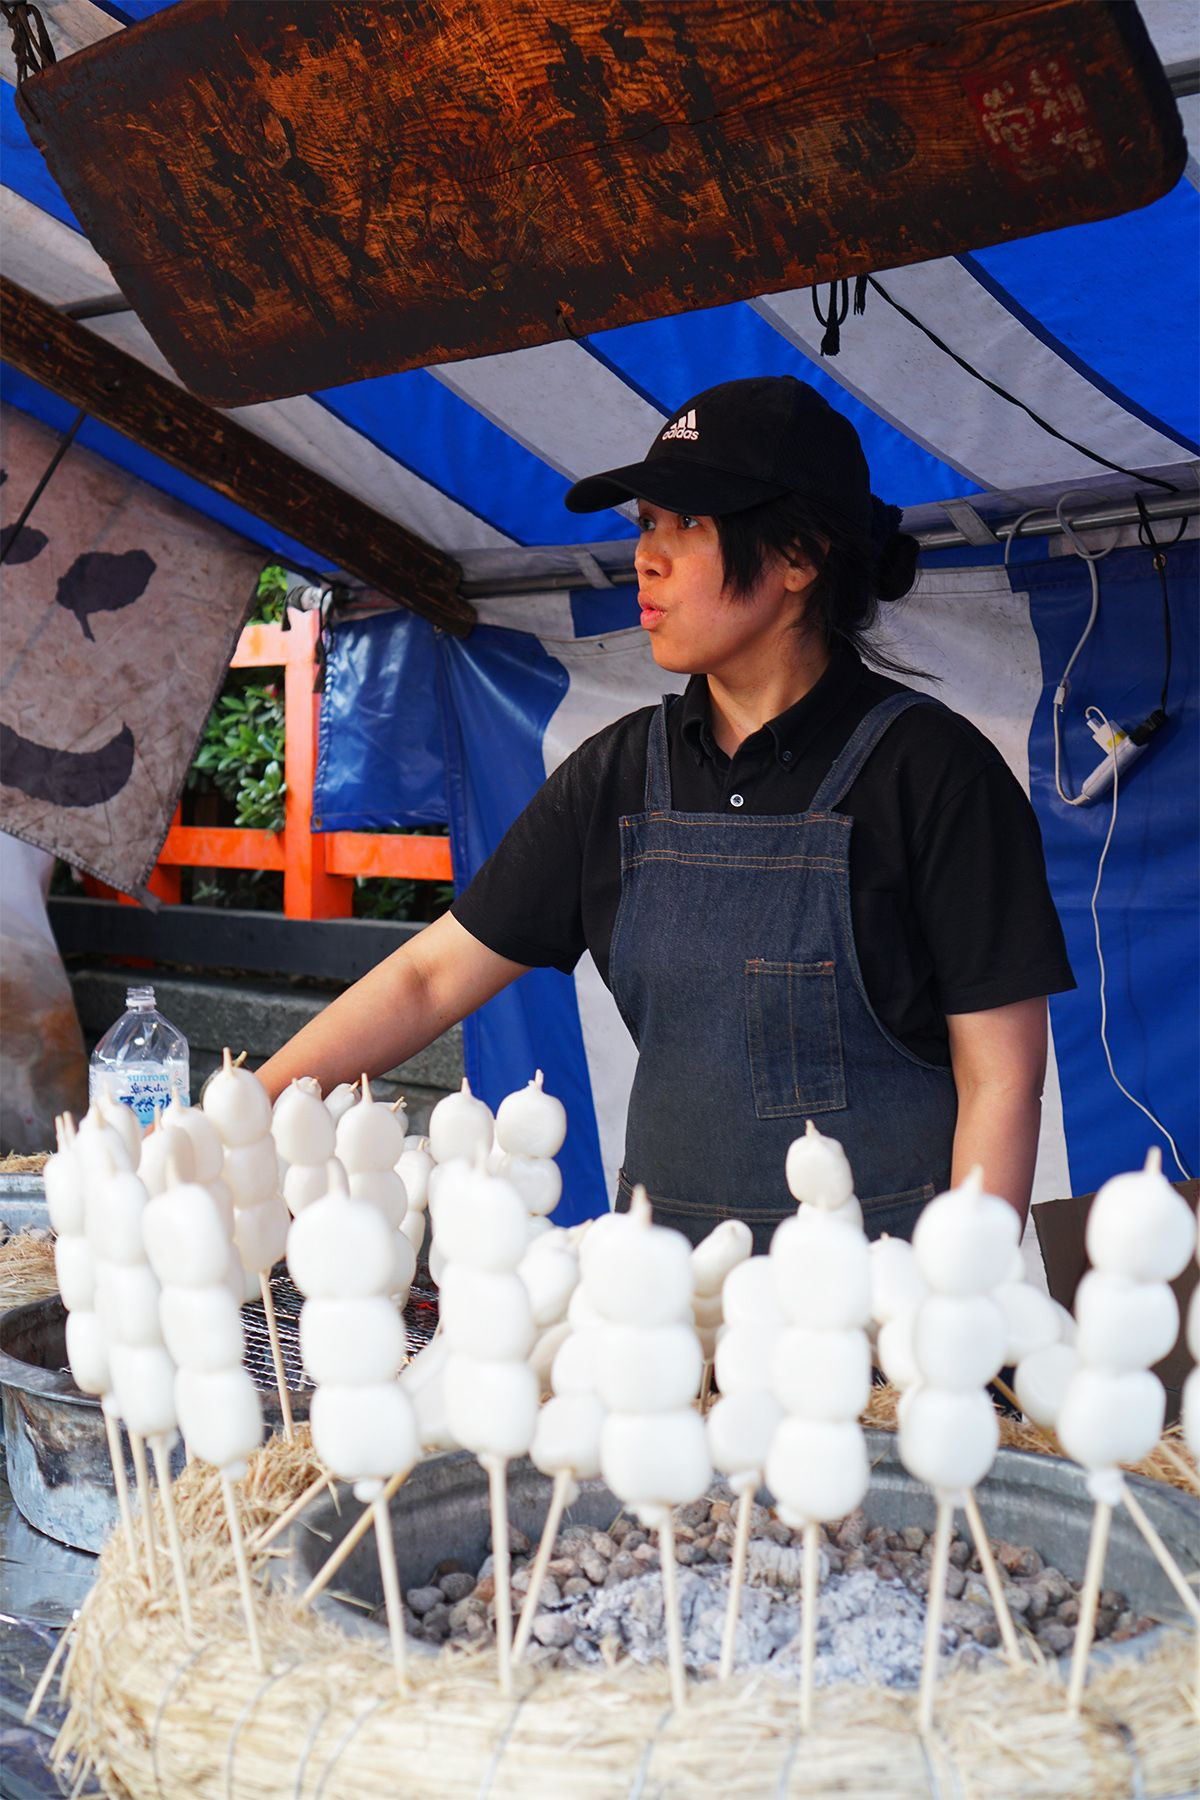 Mochi bakar atau grilled dango mochi yang dirangkai seperti sate. Siapkan perut kosong dan uang yang cukup biar tidak menyesal pulang ke Jakarta karena sungguh enak-enak! (SEPADA POST/EMELIA L)